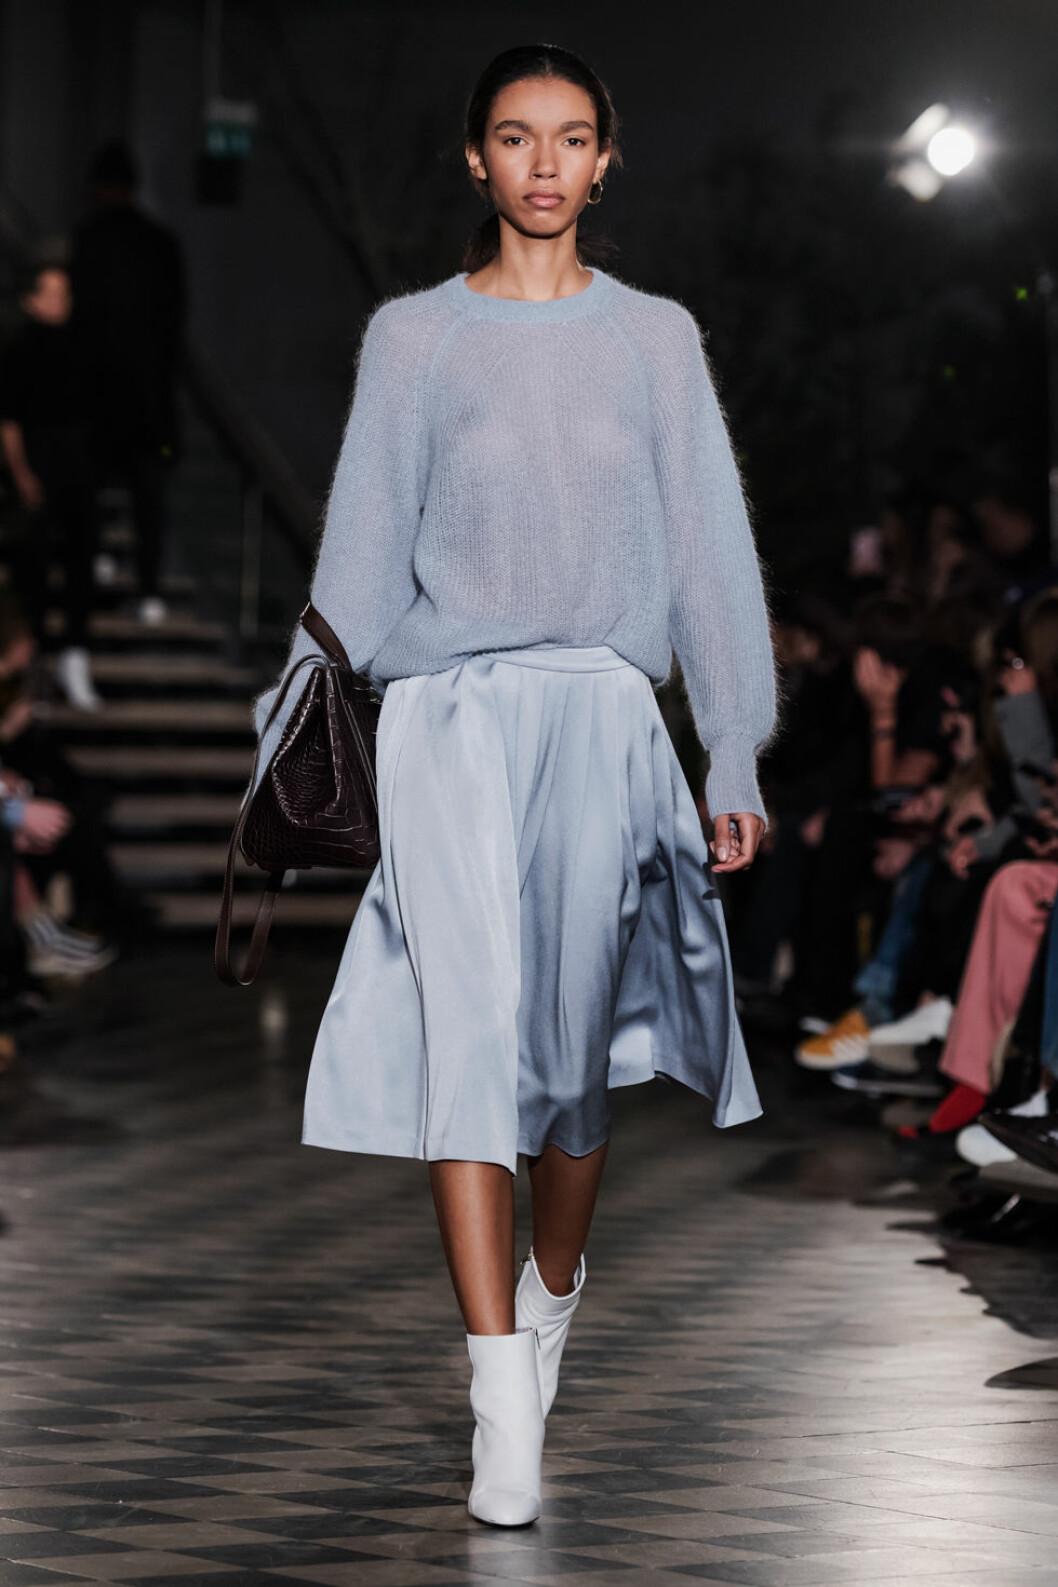 Filippa K AW 18, ljusblå stickad tröja och satin kjol.